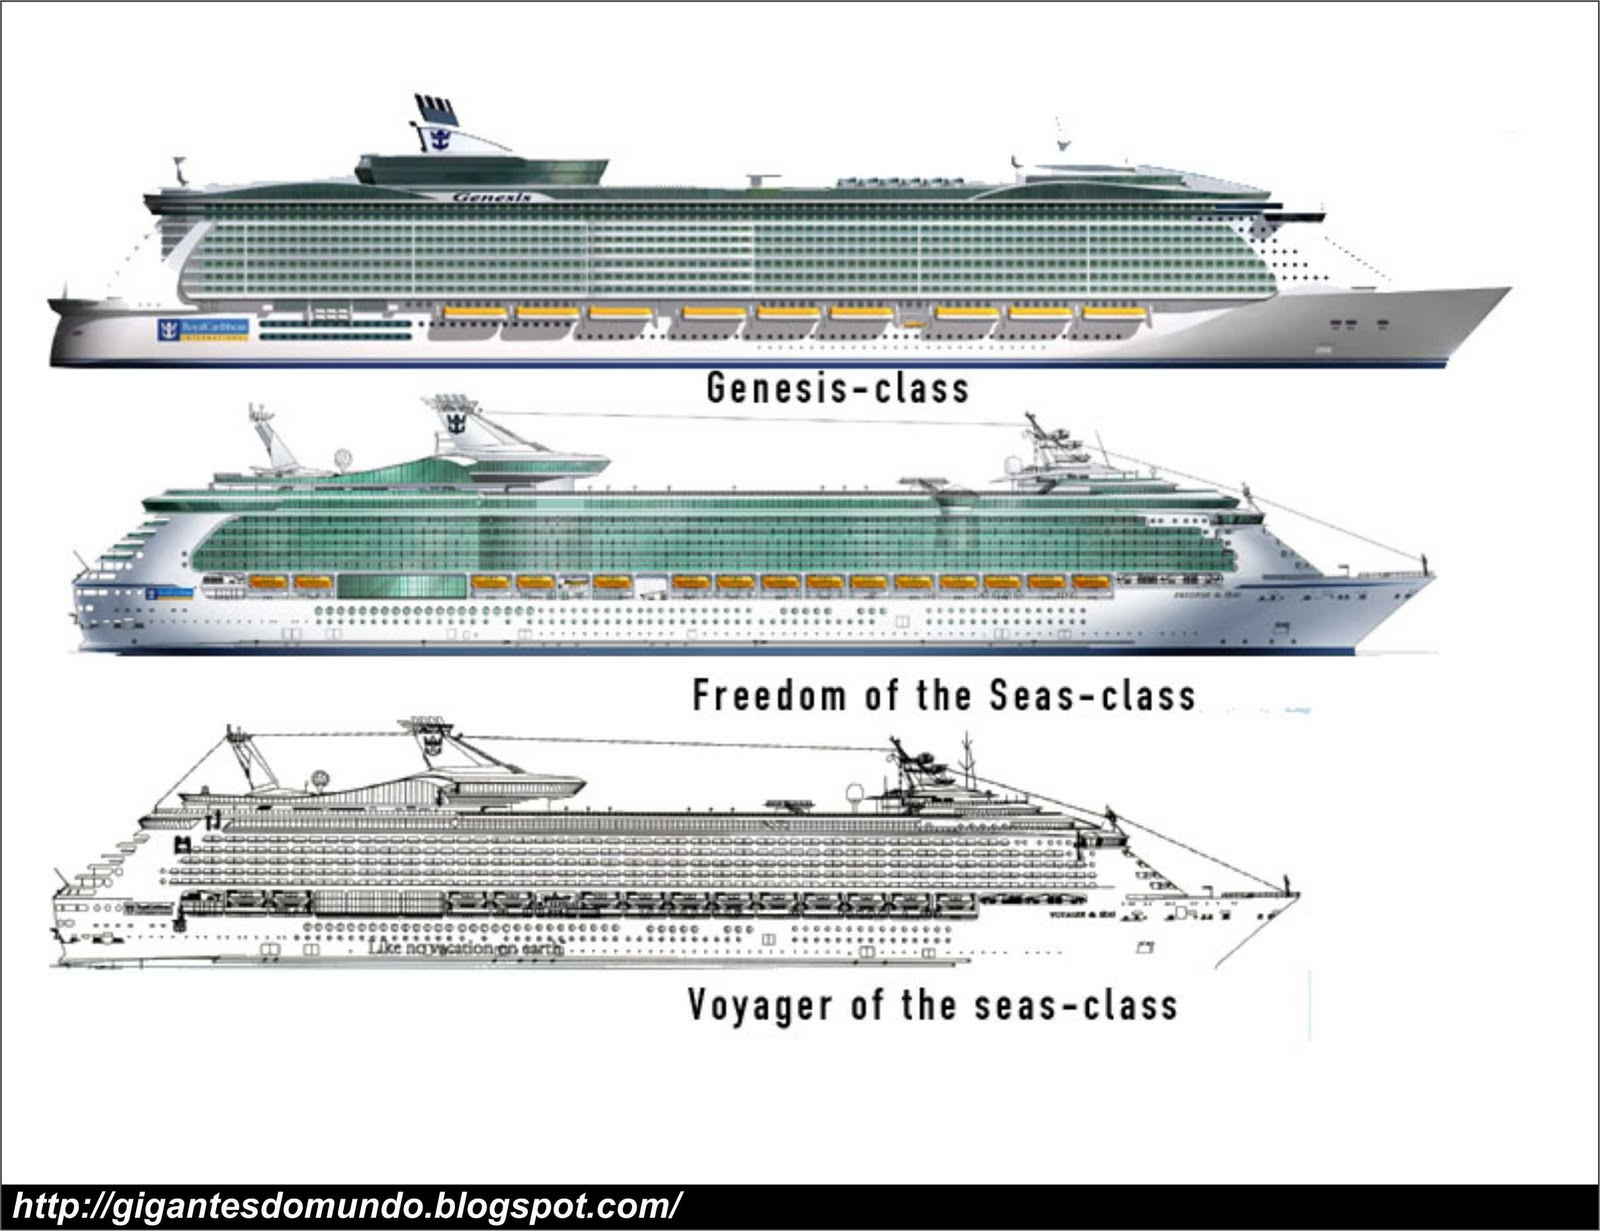 World S Largest Cruise Ship O Maior Navio De Cruzeiro Do Mundo Gigantes Do Mundo